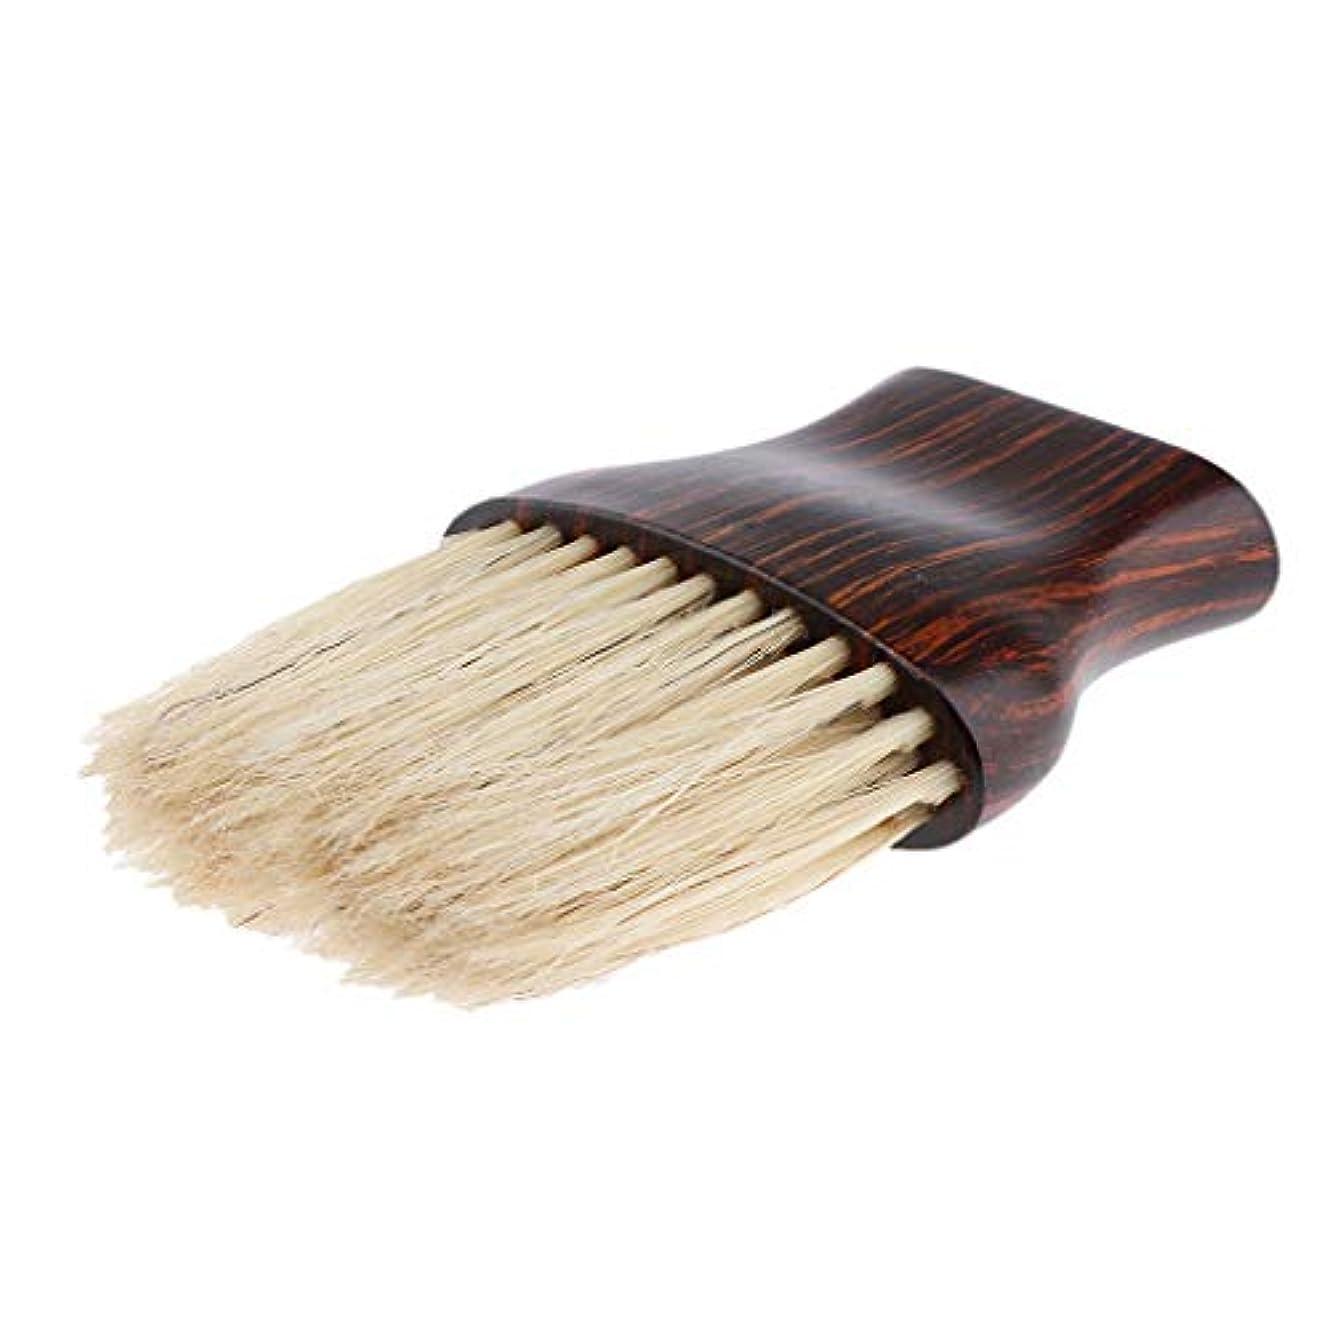 論争マイクロプロセッサ確立しますToygogo ネックダスターブラシ ヘアカットブラシ クリーニング ブラシ 毛払いブラシ 散髪 髪切り